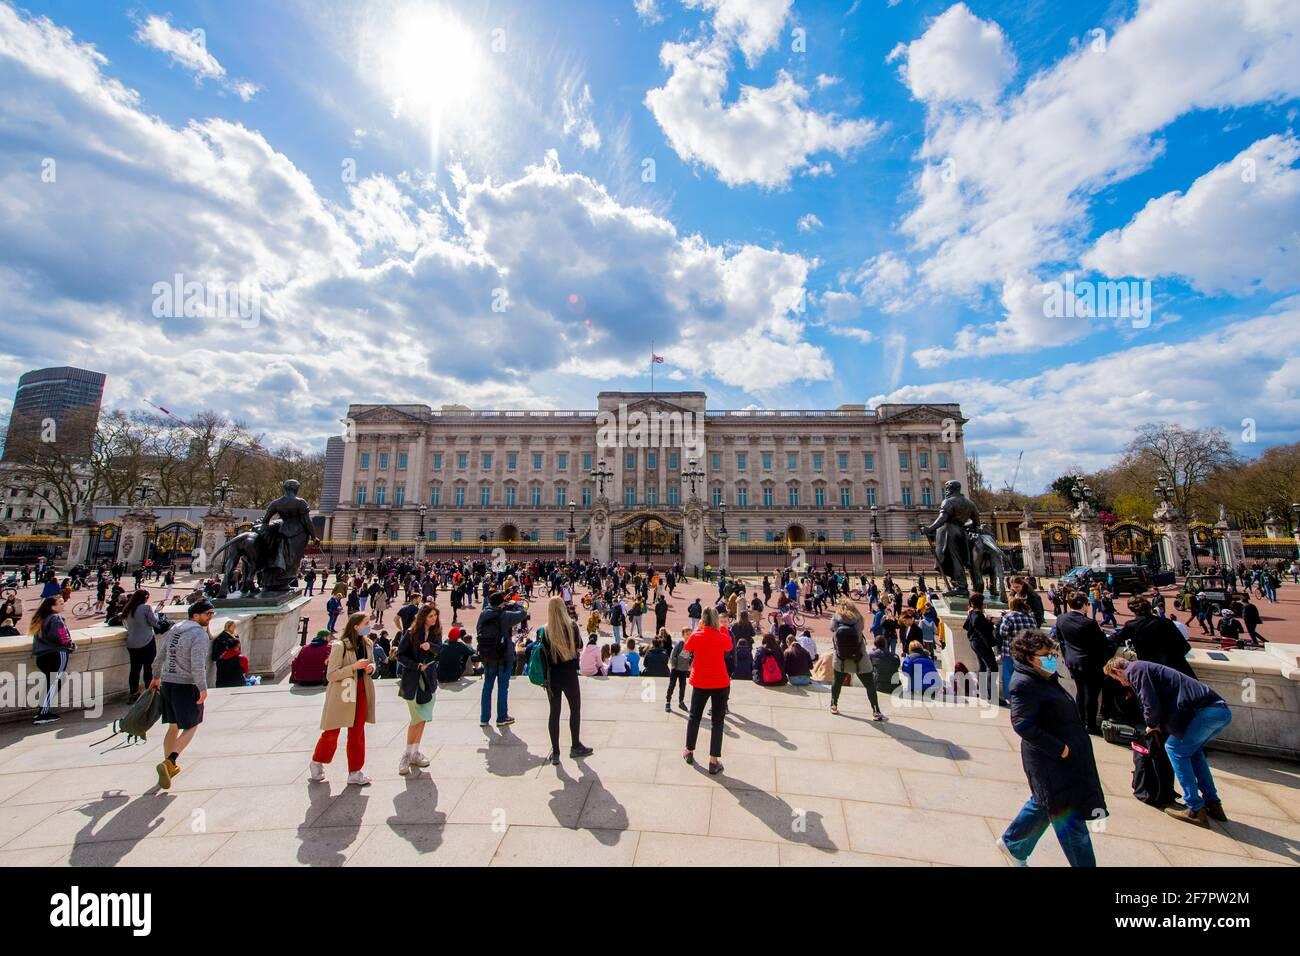 Nach der Ankündigung des Todes des Herzogs von Edinburgh im Alter von 99 Jahren versammeln sich Menschen vor dem Buckingham Palace, London. Bilddatum: Freitag, 9. April 2021. Stockfoto